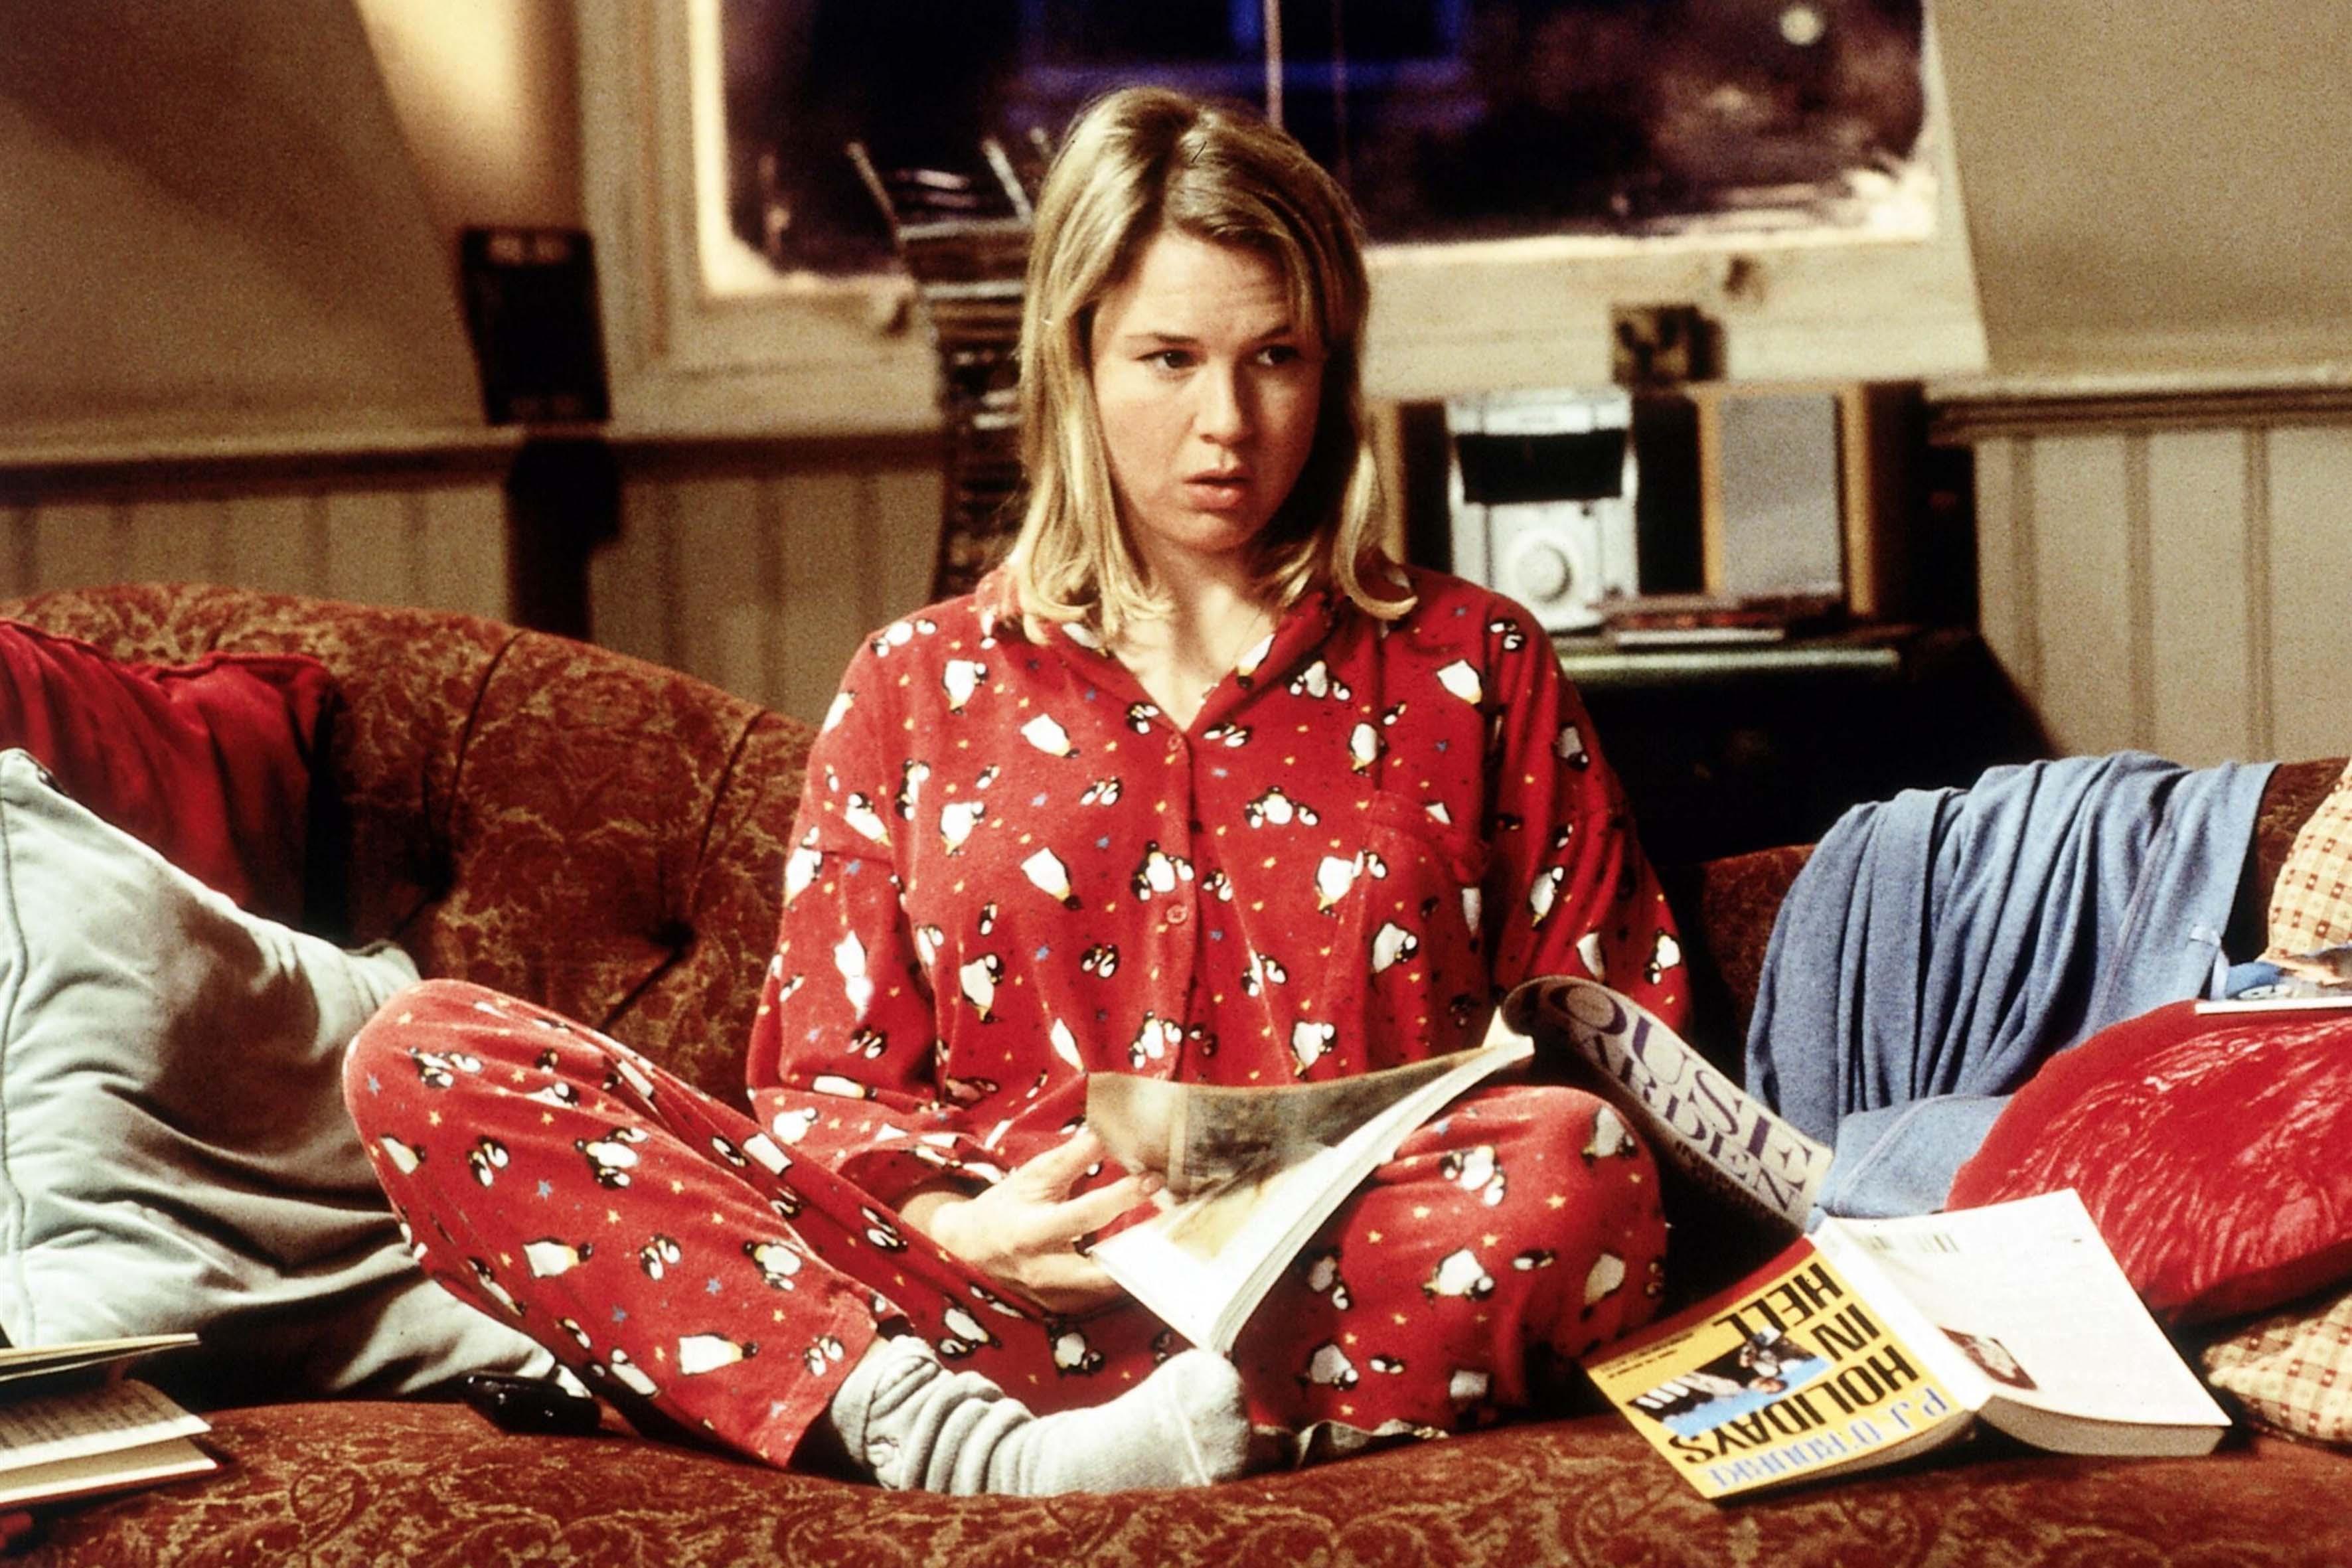 """Il pigiamone può essere sinonimo di """"abrutimento"""" come ci ricorda Bridget Jones. Ultimamente però le star (e non solo) lo hanno sdoganato, rendendolo capo originale e divertente per una serata diversa dal solito"""